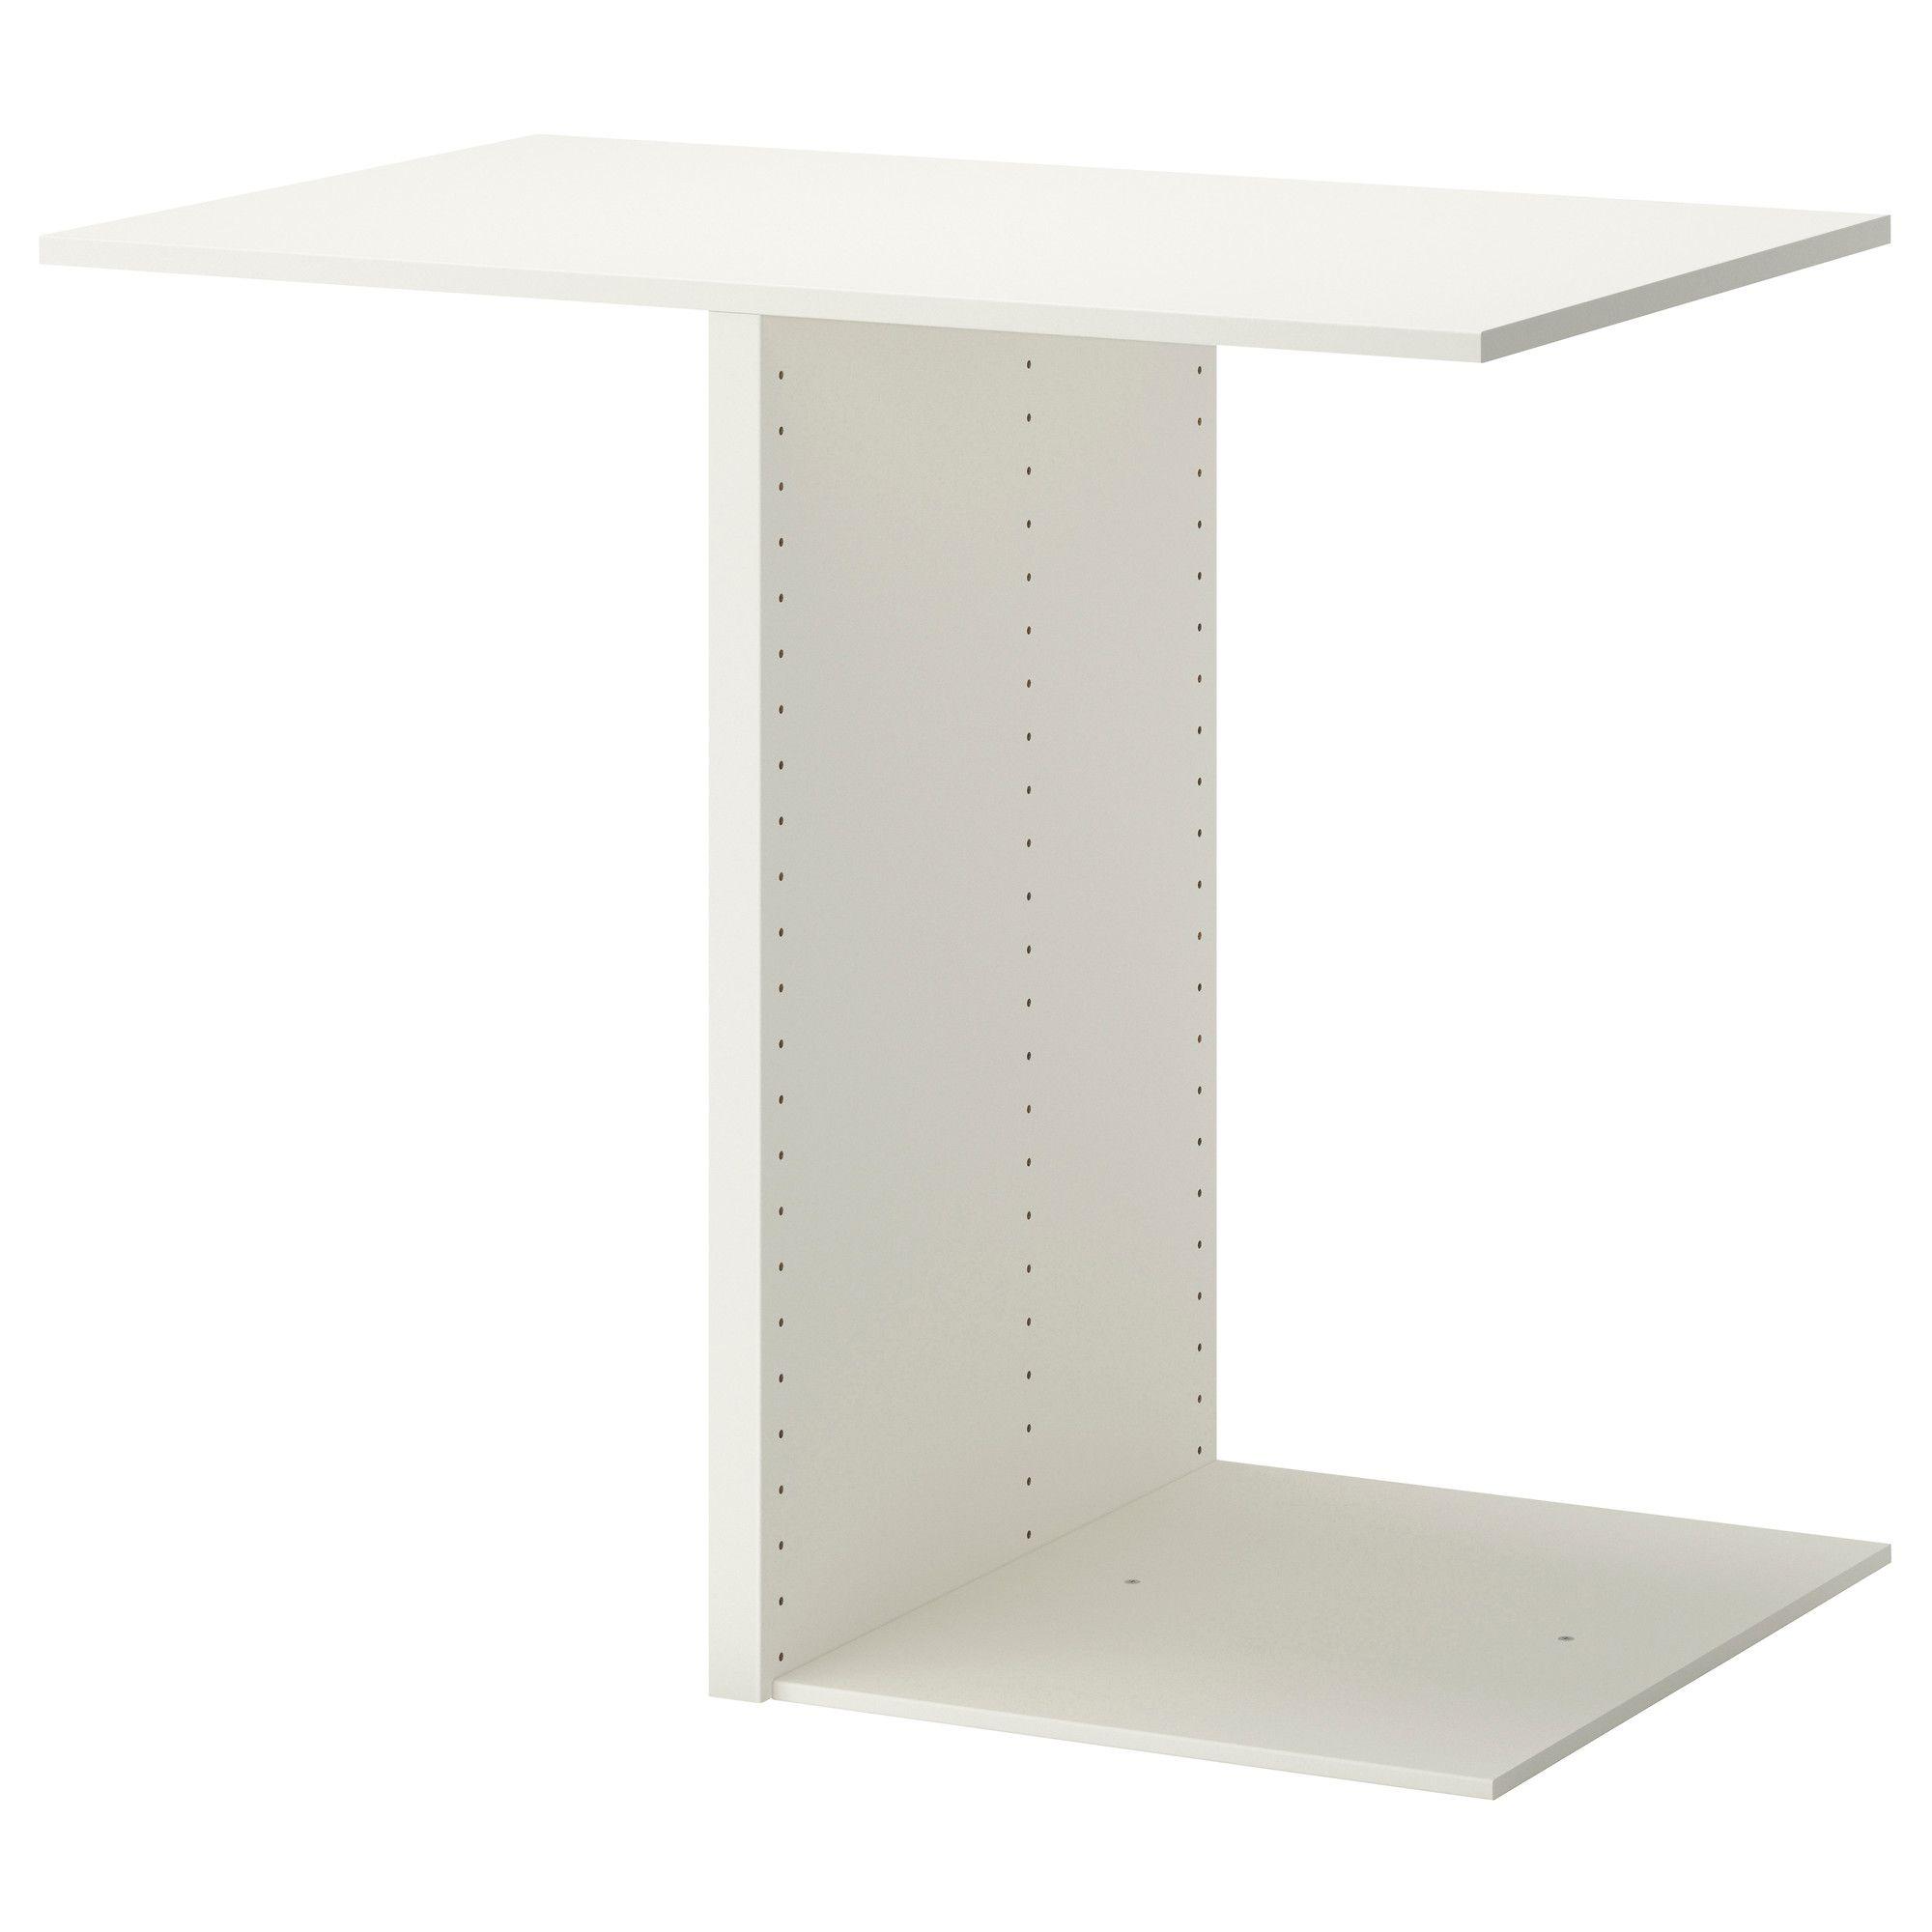 KOMPLEMENT Séparateur Pour Caisson   IKEA 100 Cm 50$